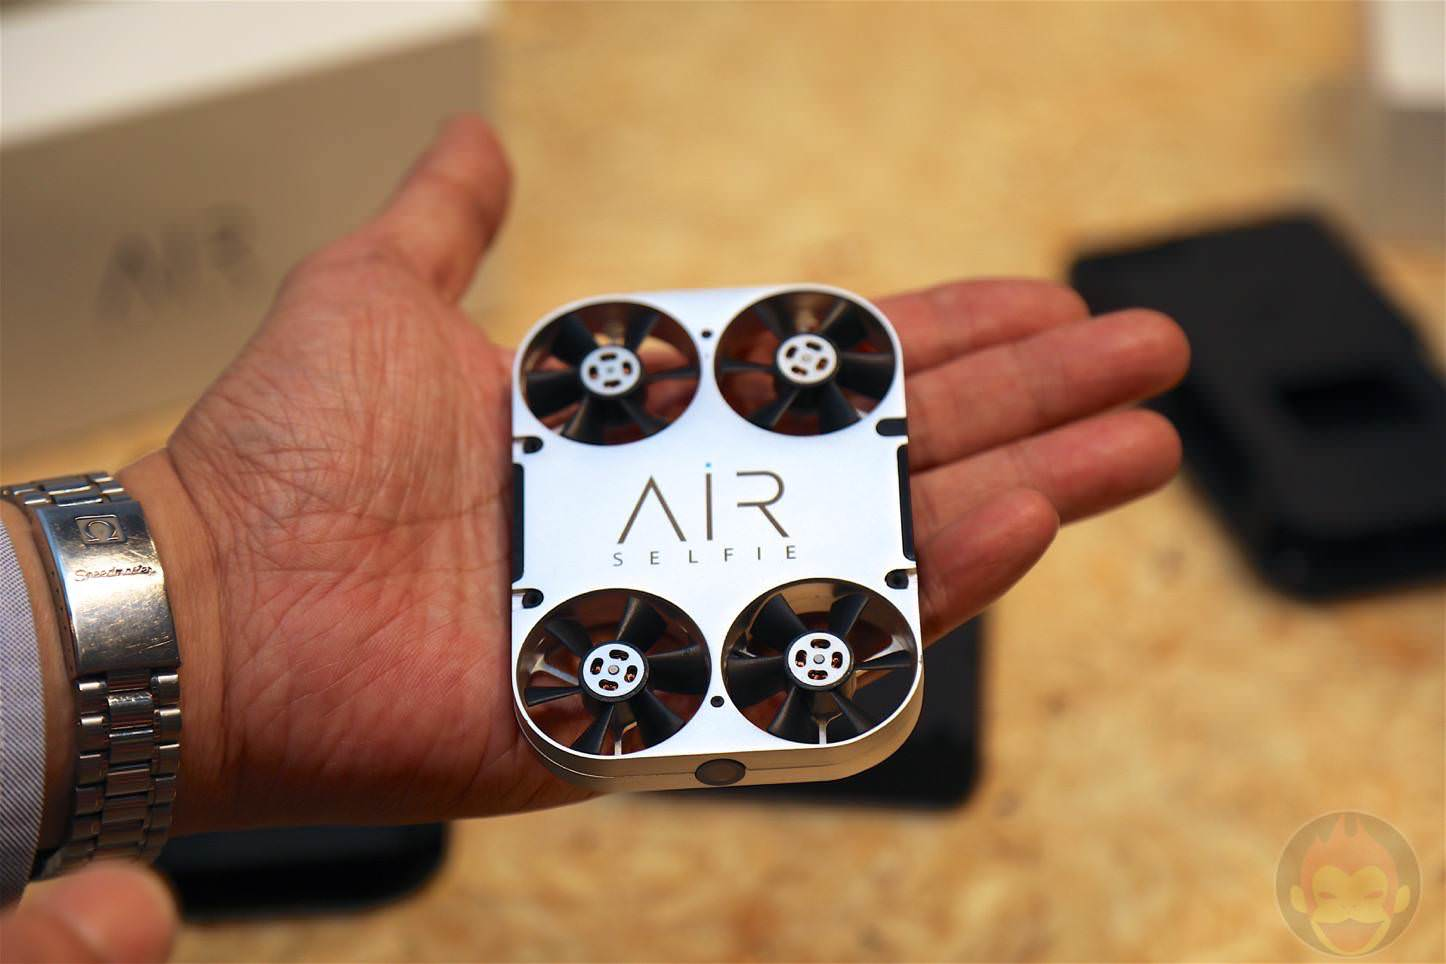 AirSelfie-Drone-Type-Selfie-Unit-01.jpg